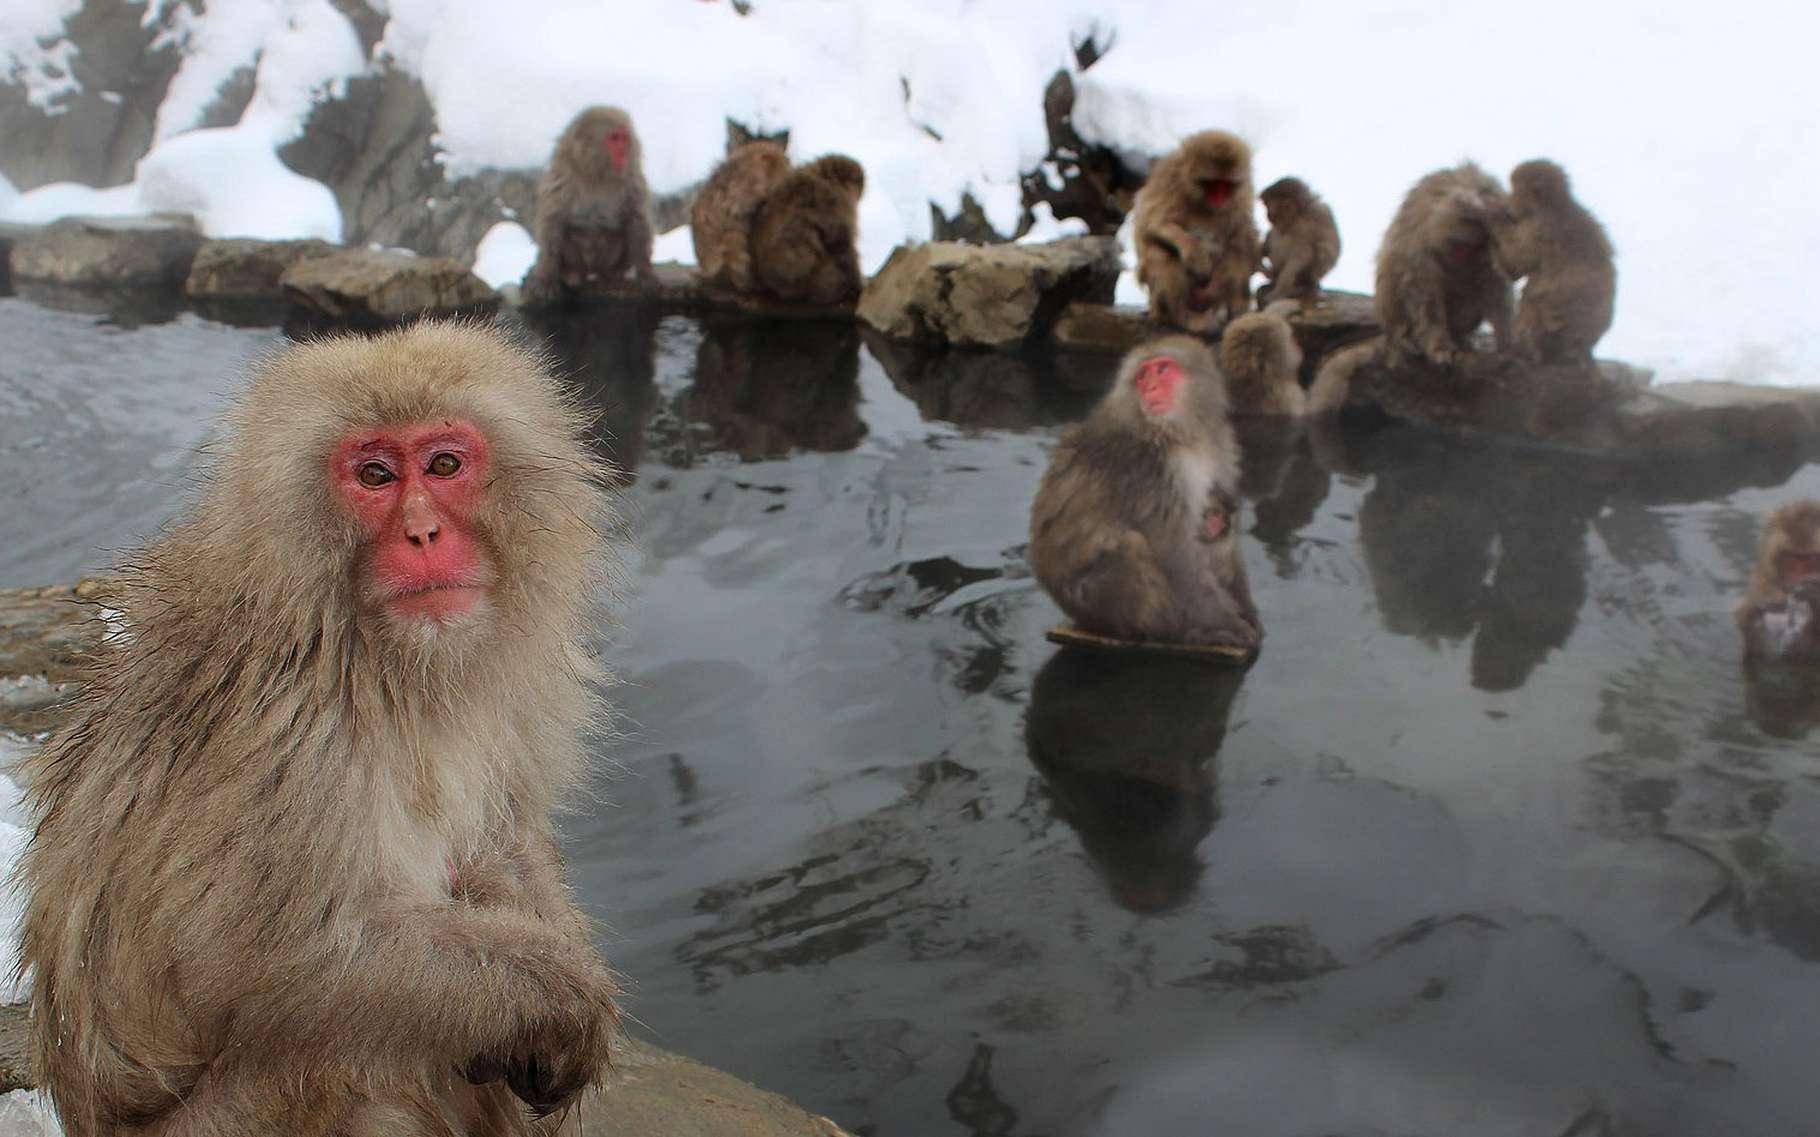 Le macaque japonais (Macaca fuscata) a depuis longtemps adopté les bains dans les sources d'eau chaude en hiver car les températures descendent jusqu'à -20 °C et la neige tombe en quantité abondante. Il est le plus septentrional des primates. Le macaque s'est illustré pour ses grandes capacités d'apprentissage et ses facultés à transmettre un « savoir-faire ». Au Japon, il symbolise la sagesse sous la forme d'un triptyque : « Ne rien voir de mal, ne rien entendre de mal, ne rien dire de mal. »Les macaques japonais. © andrew_t8 CC0, Pixabay.